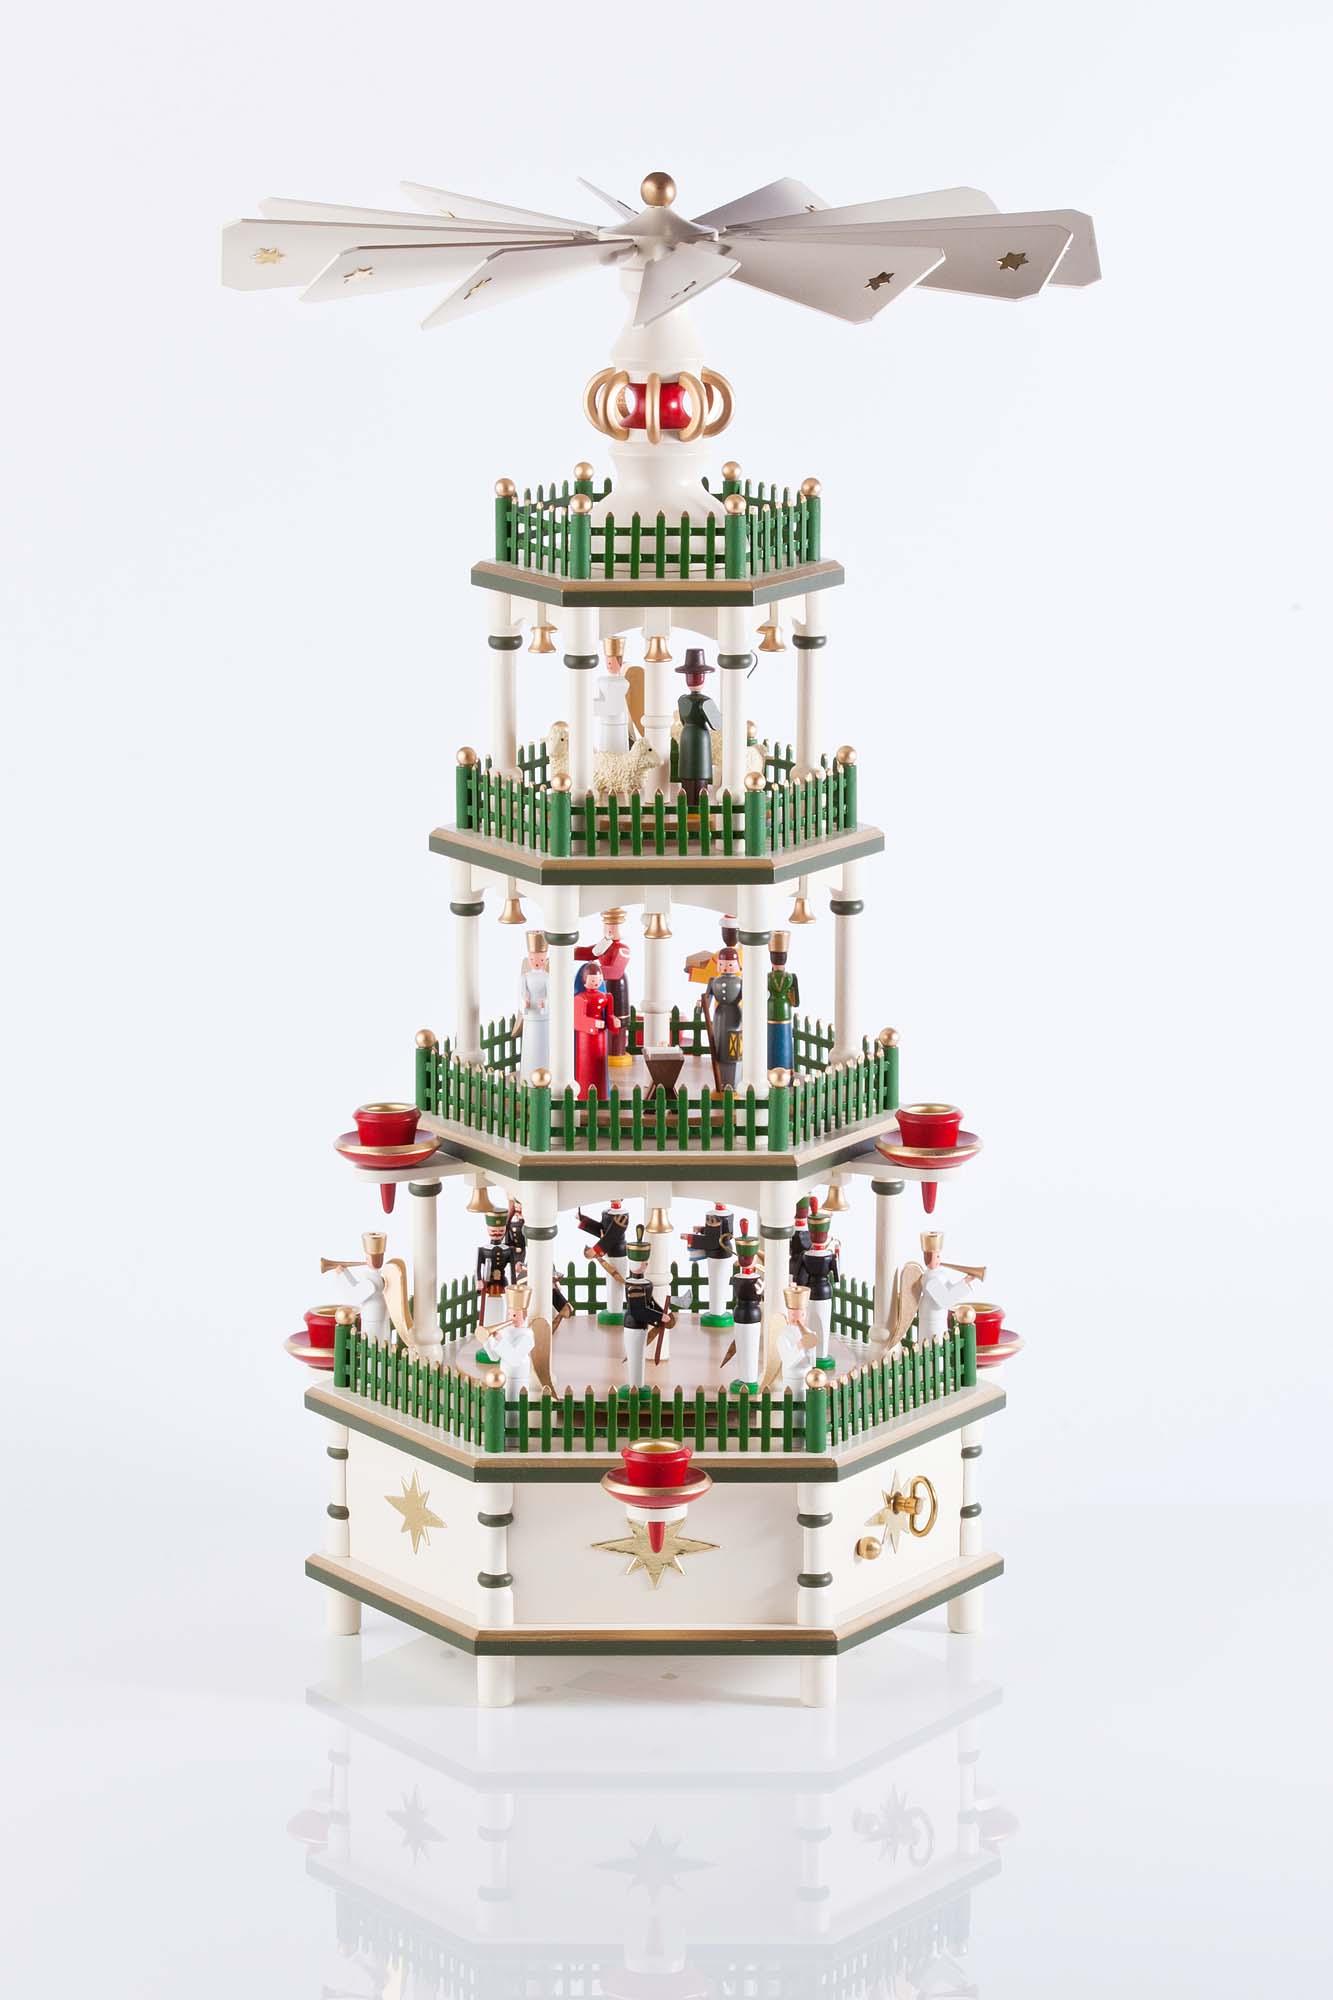 Weihnachtspyramide in historischen Farben mit Spielwerk,4 Etagen 86/1/1, 50cm